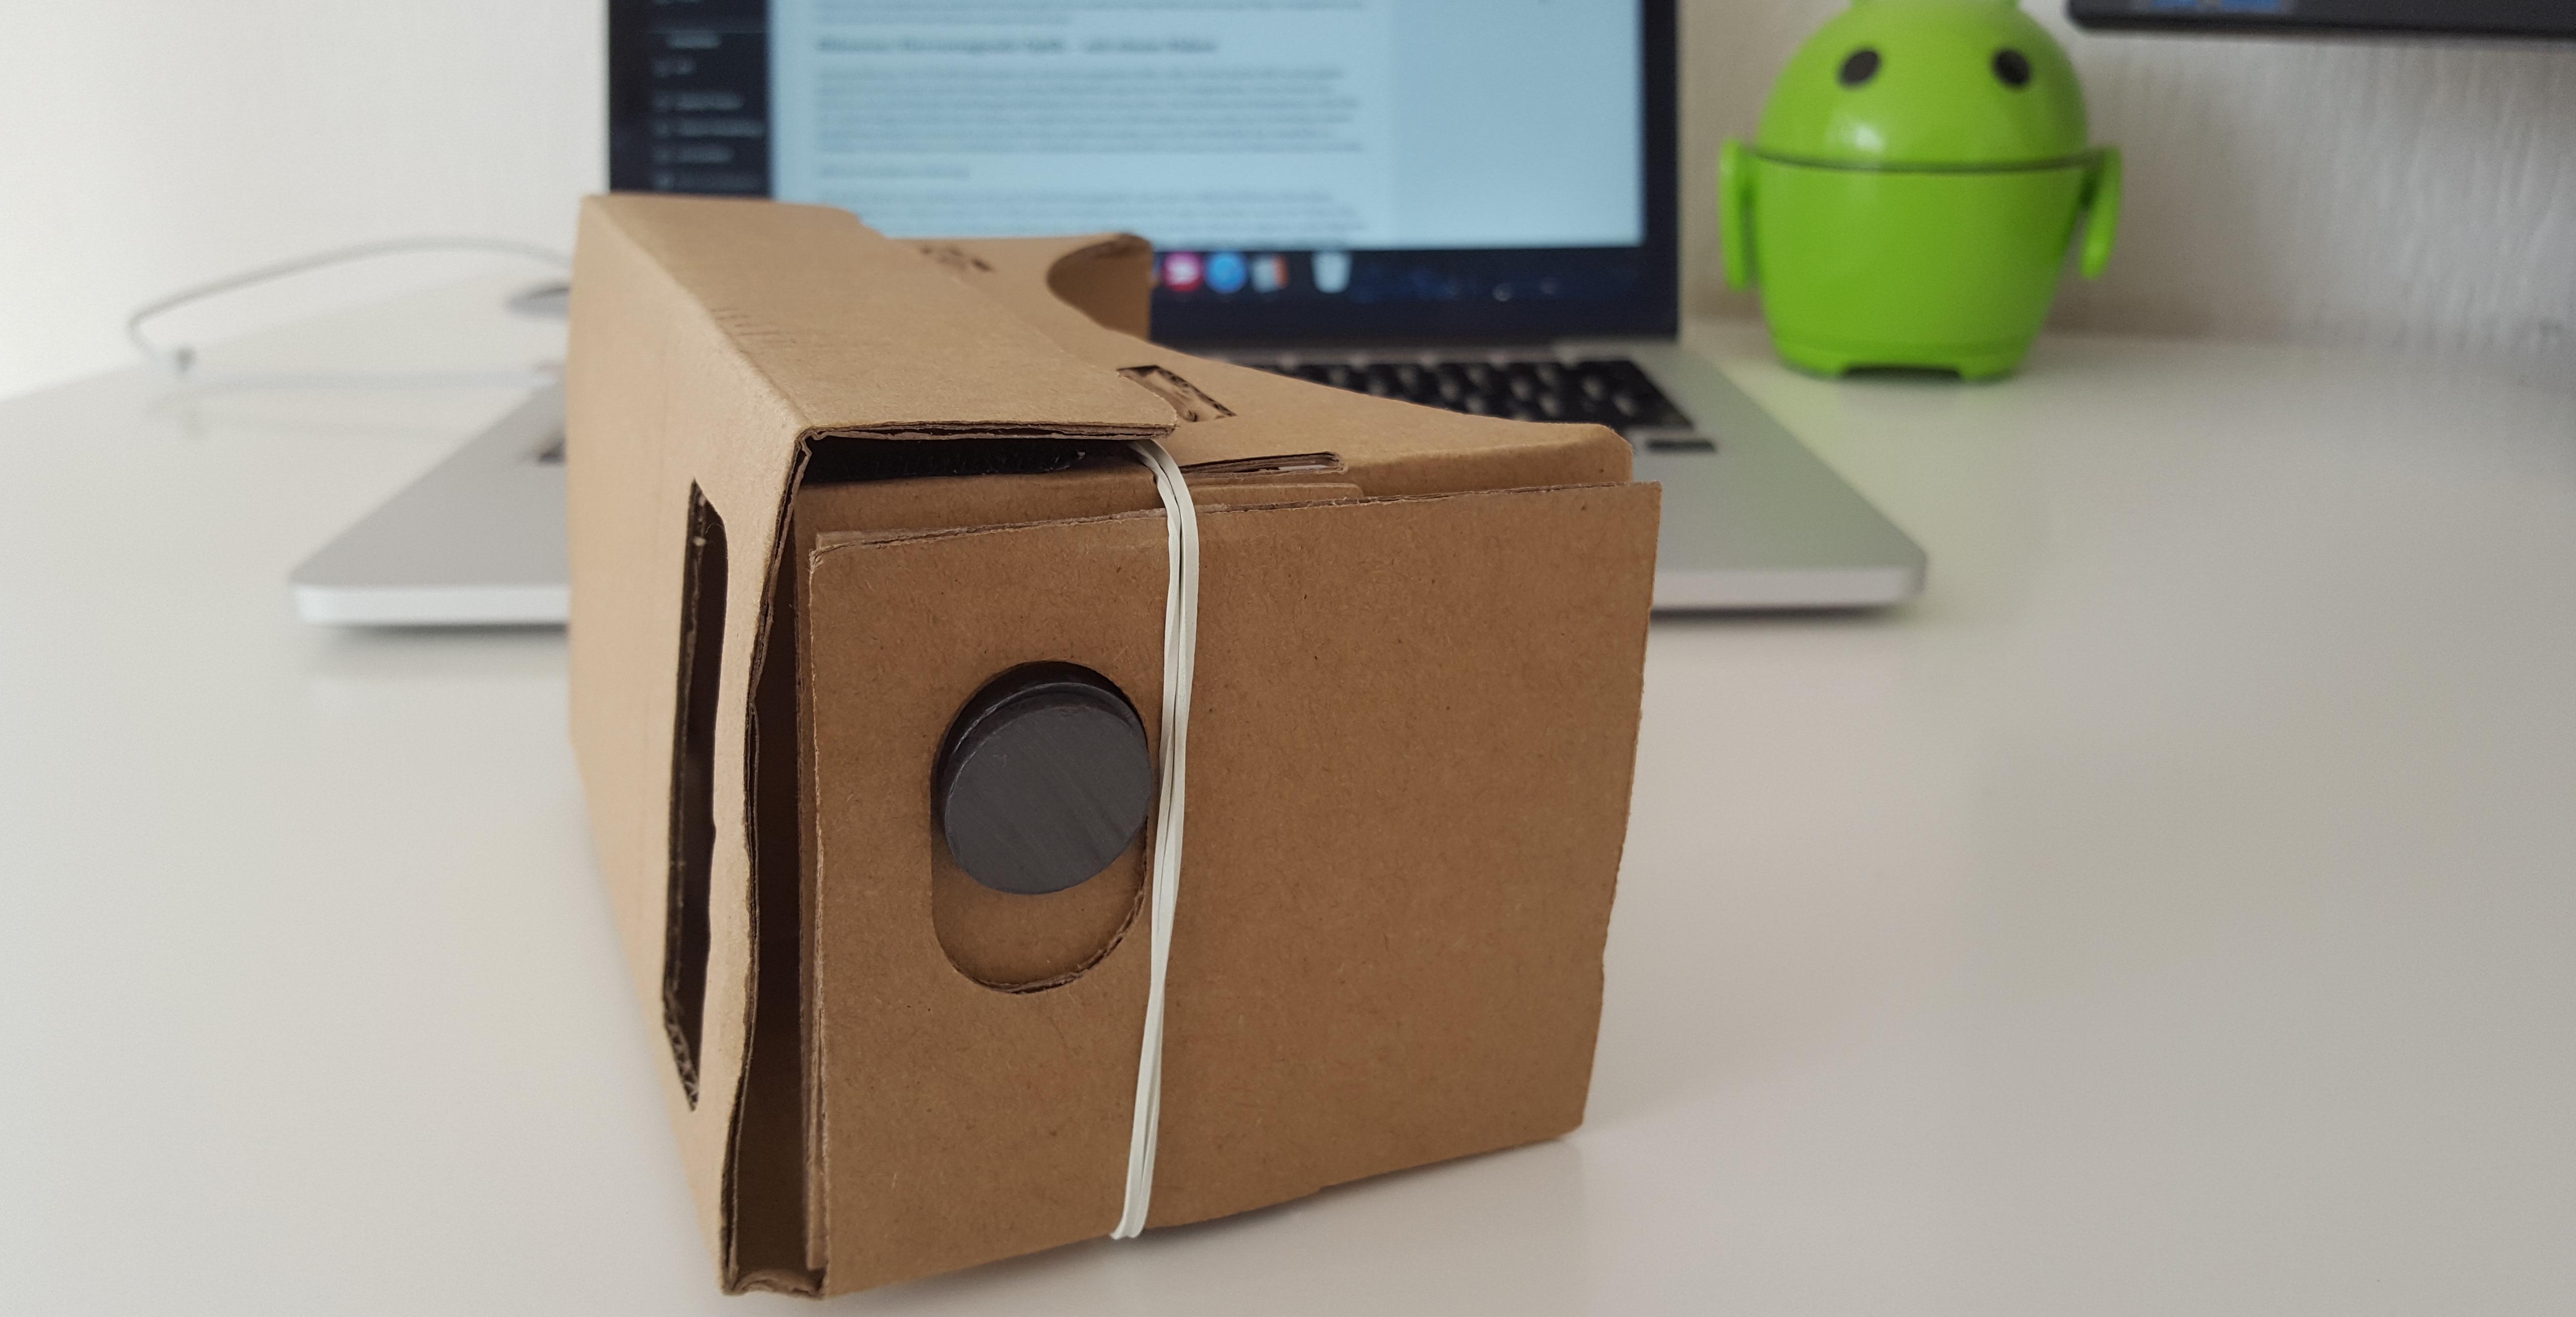 Beste Billige Vr Brille : Es muss nicht gleich eine oculus rift sein drei günstige vr